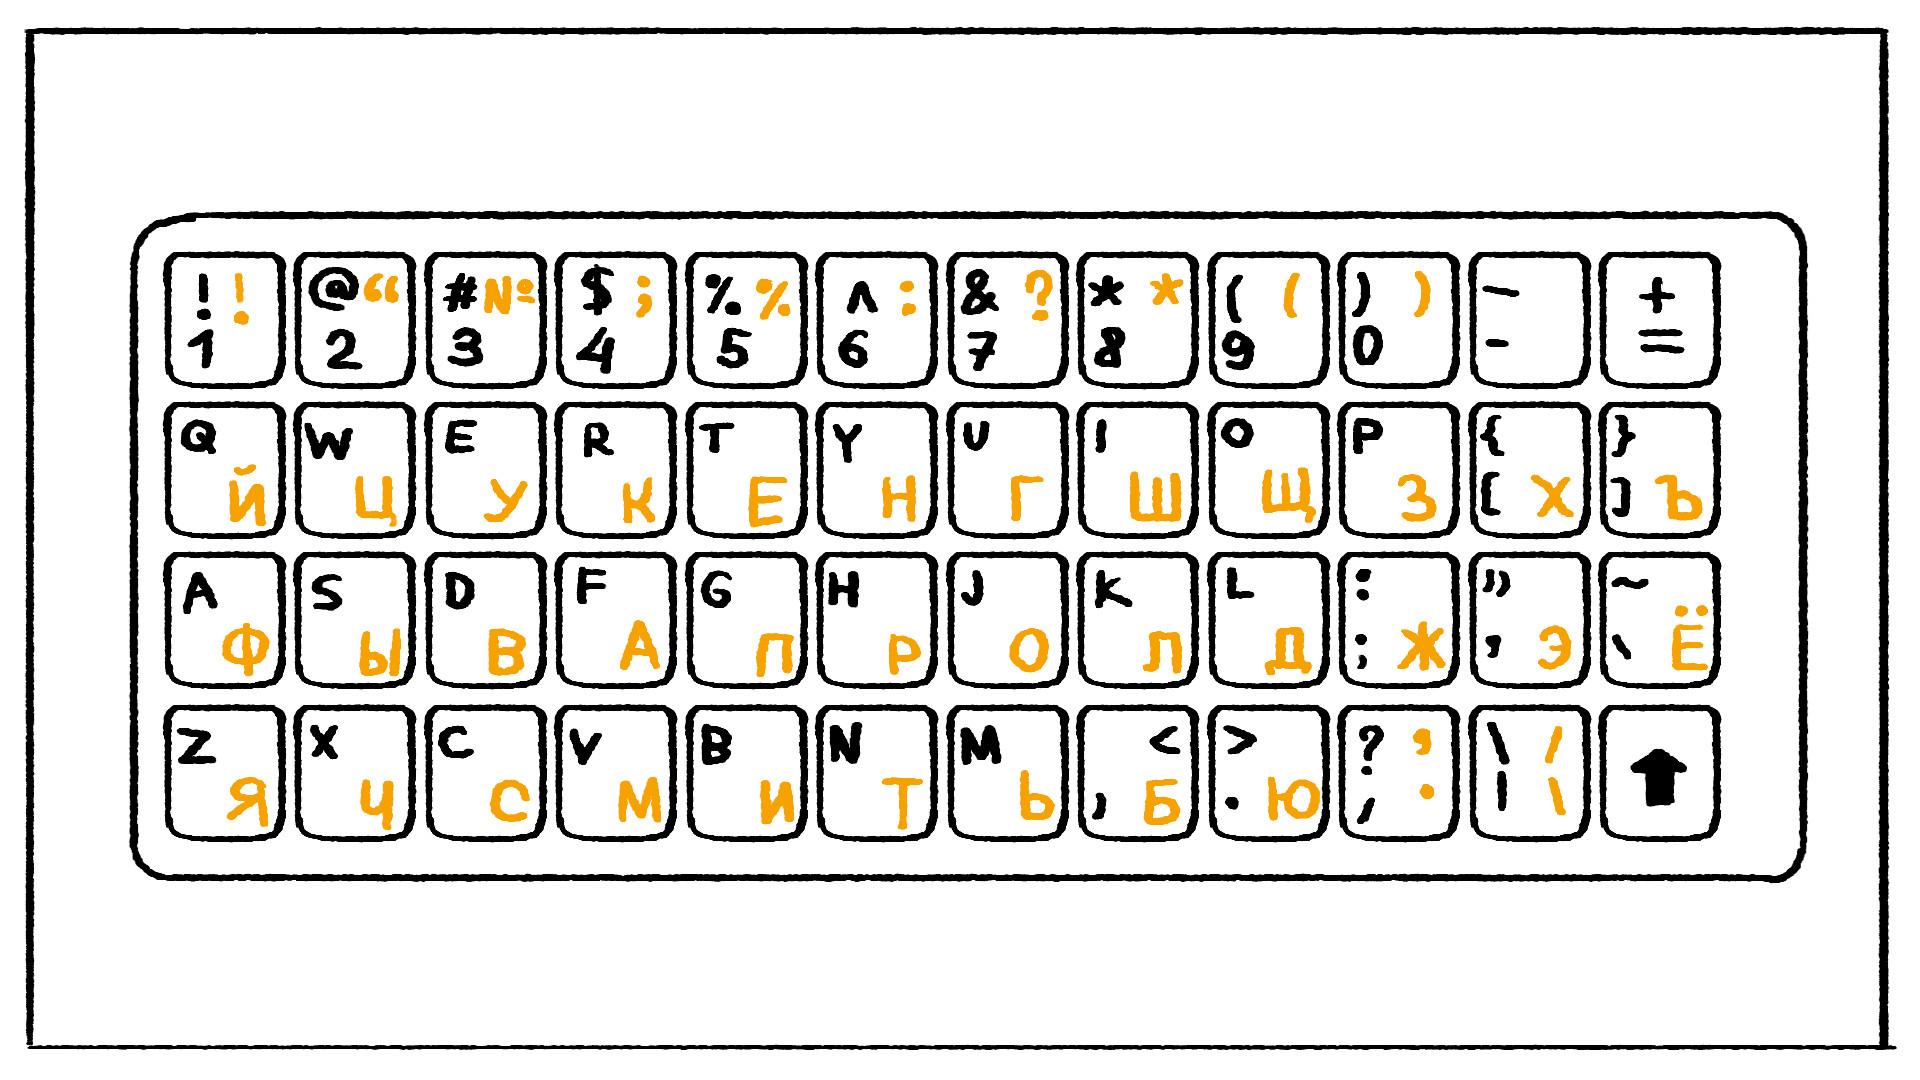 Comment Utiliser Le Clavier Russe Sur Votre Ordinateur tout Clavier Russe En Ligne